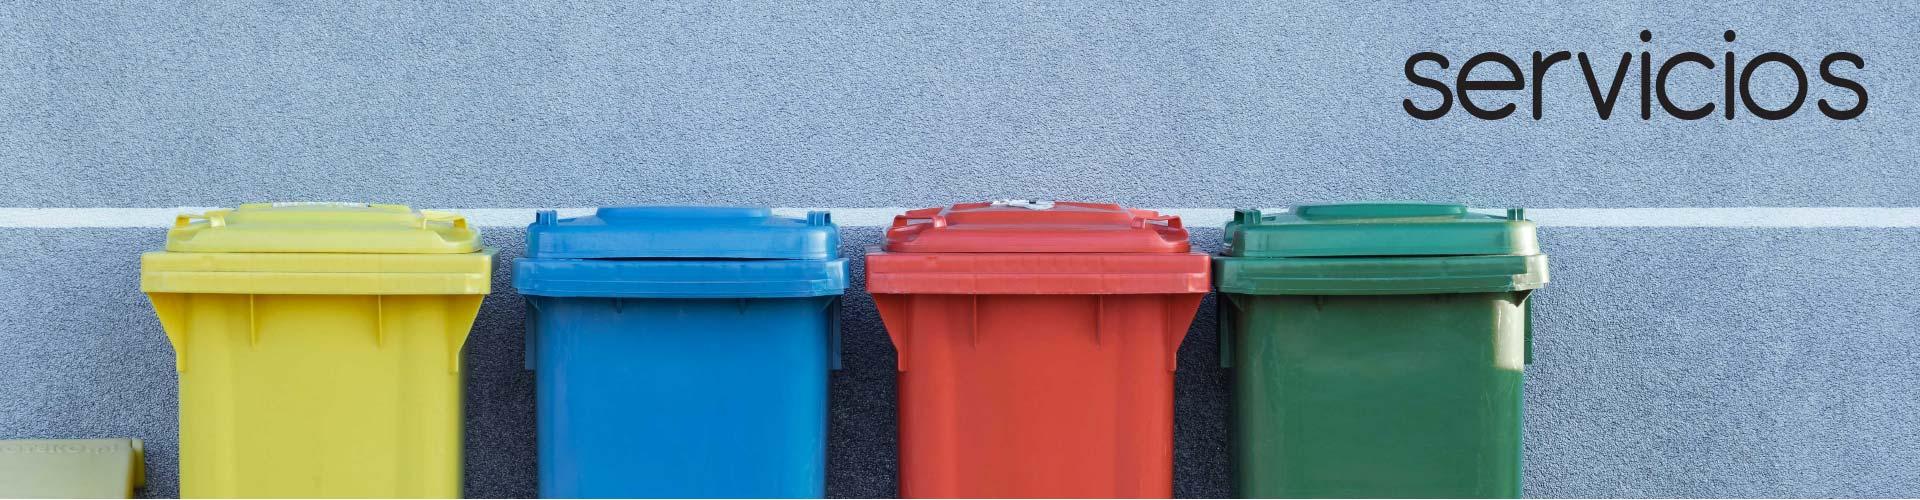 reciclan-servicios-banner